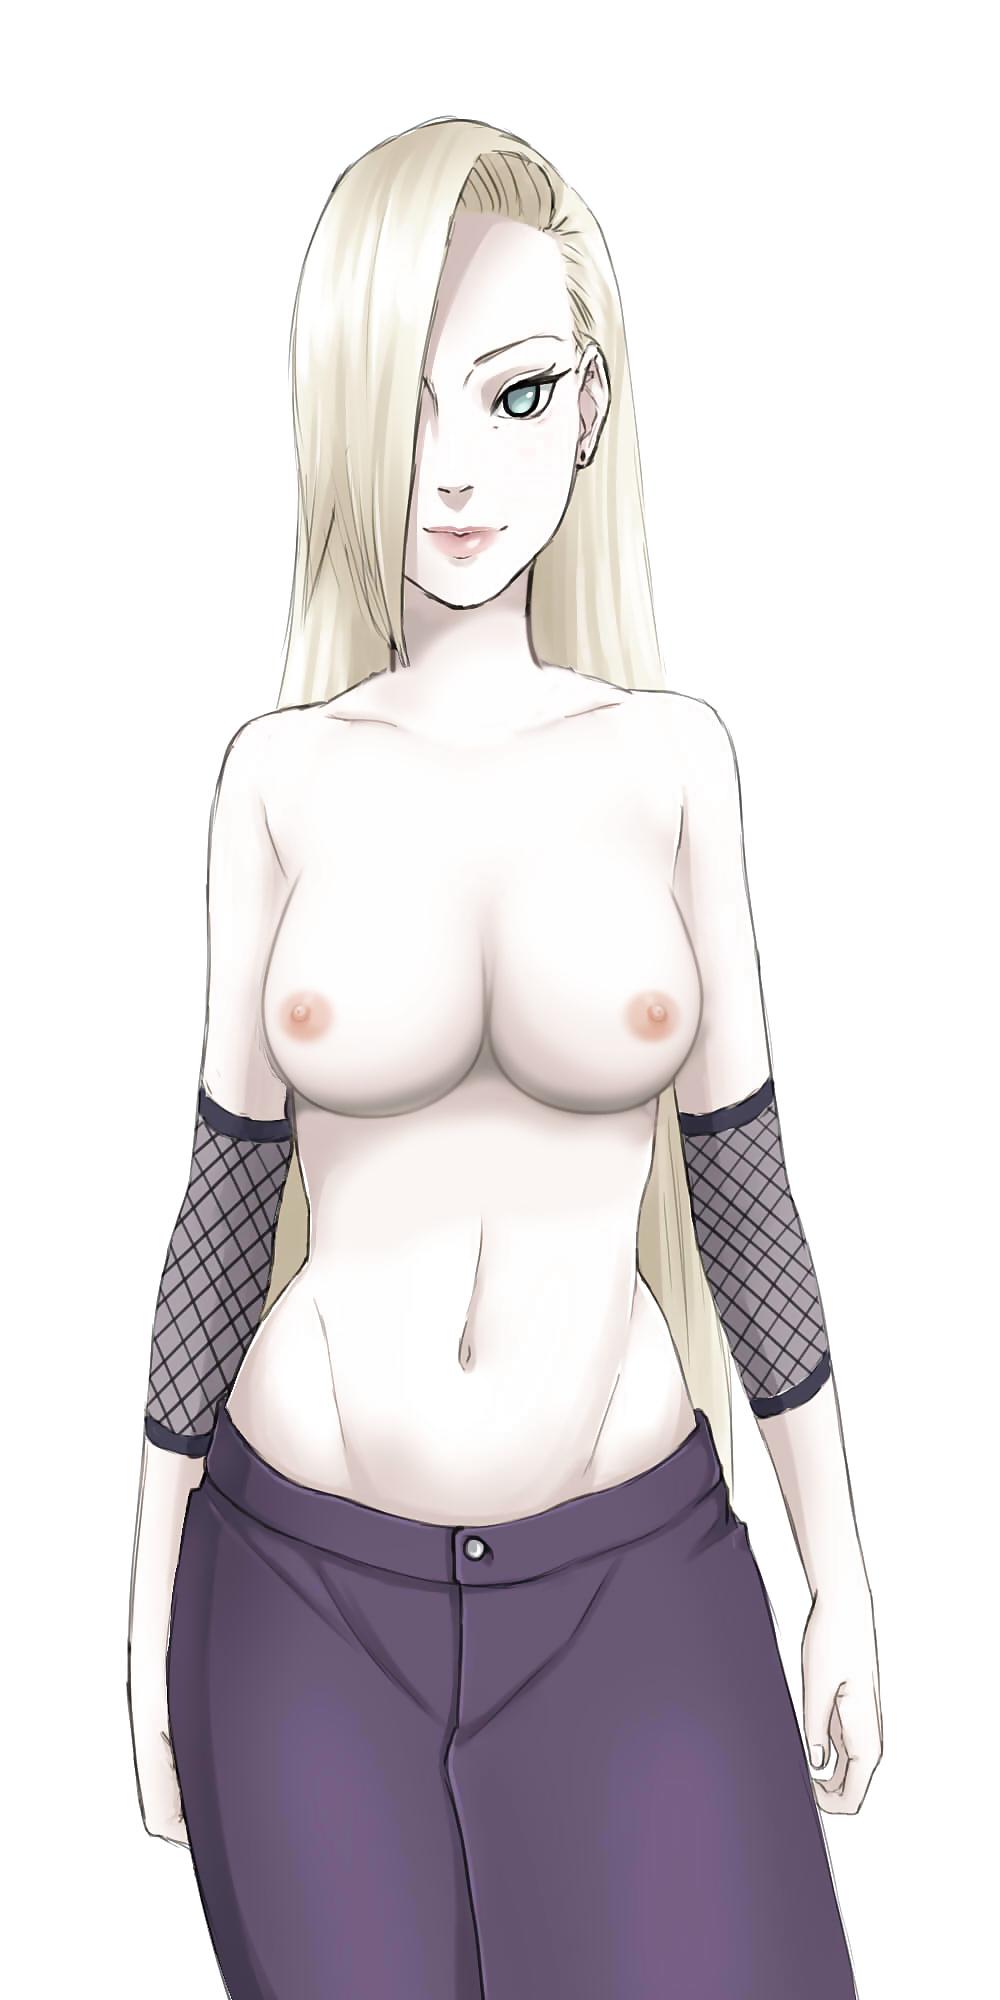 ino-yamanaka-nude-cosplay-pict